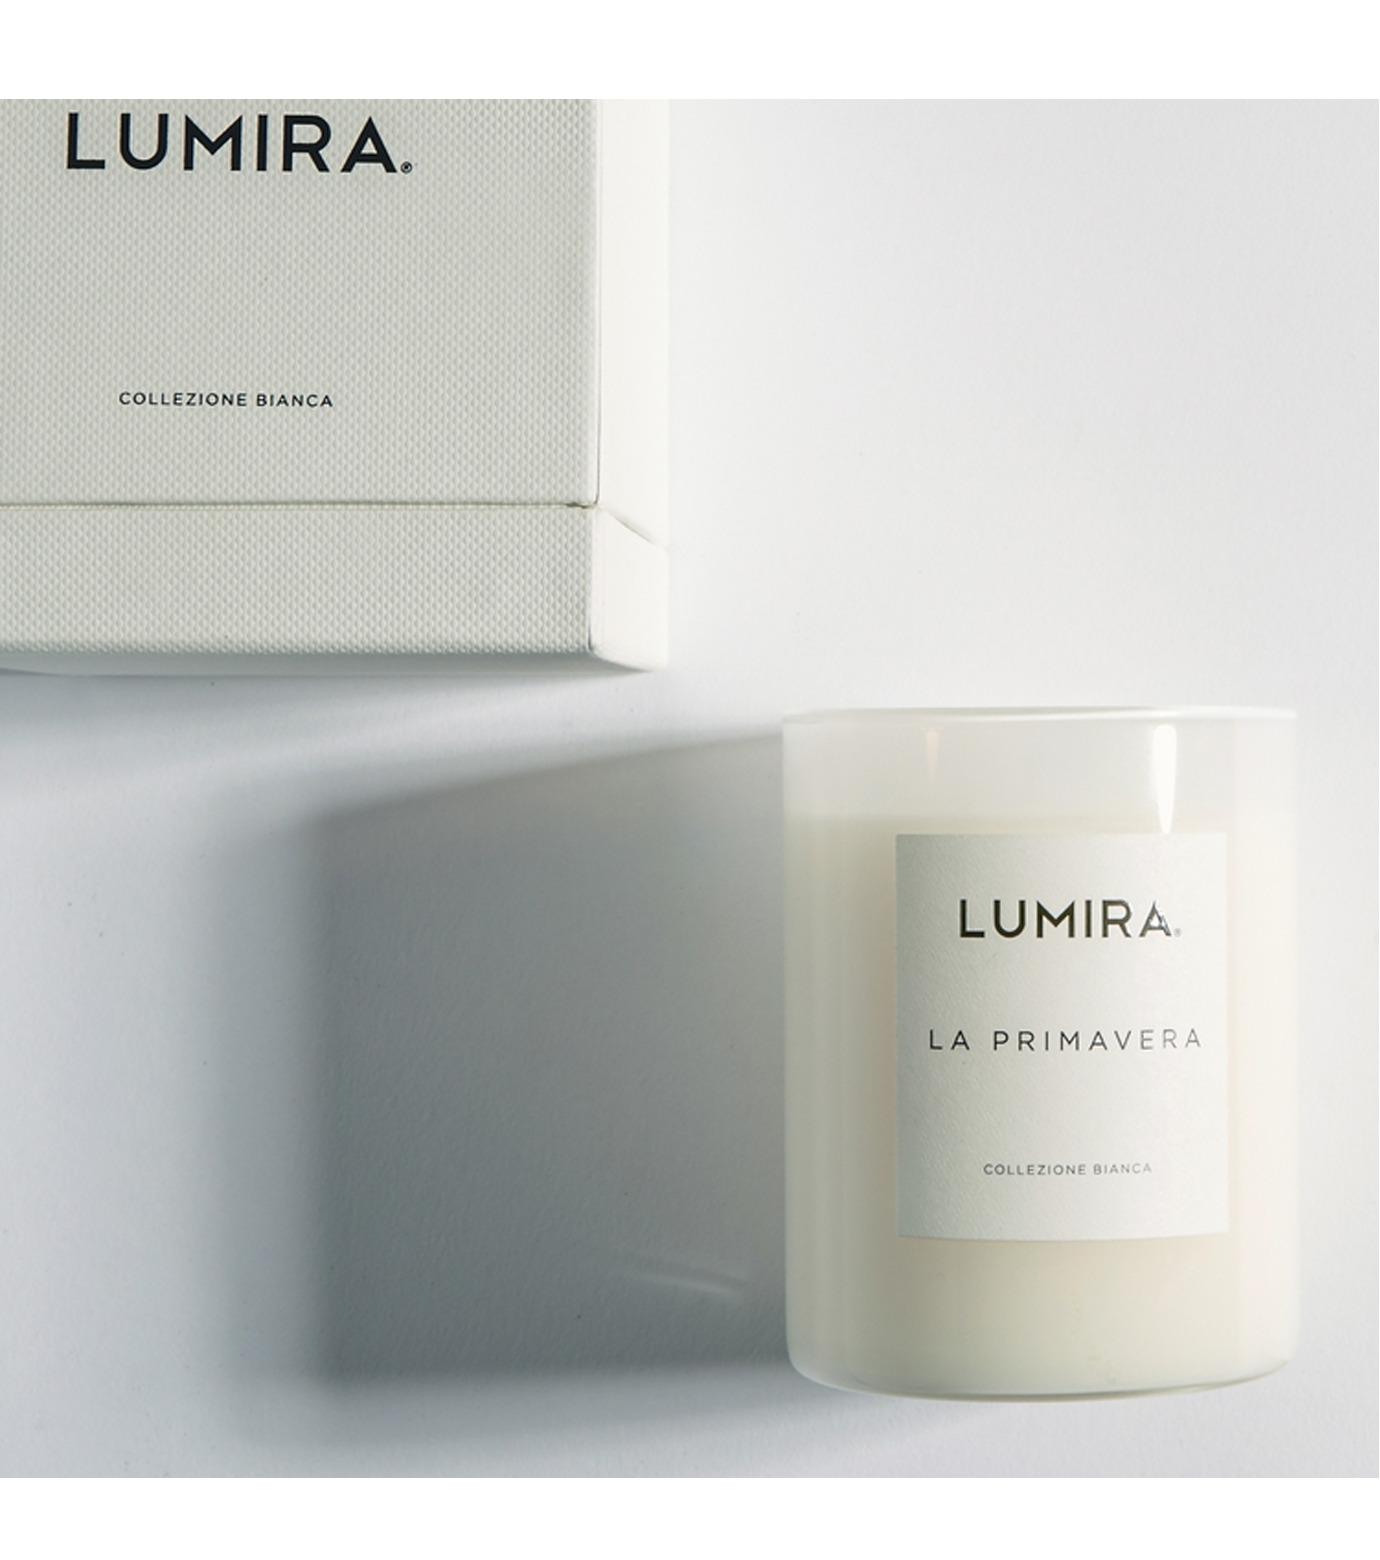 LUMIRA(ルミラ)のCollezione Bianca La Primavera-WHITE(キャンドル/candle)-103-CA-021-4 拡大詳細画像3